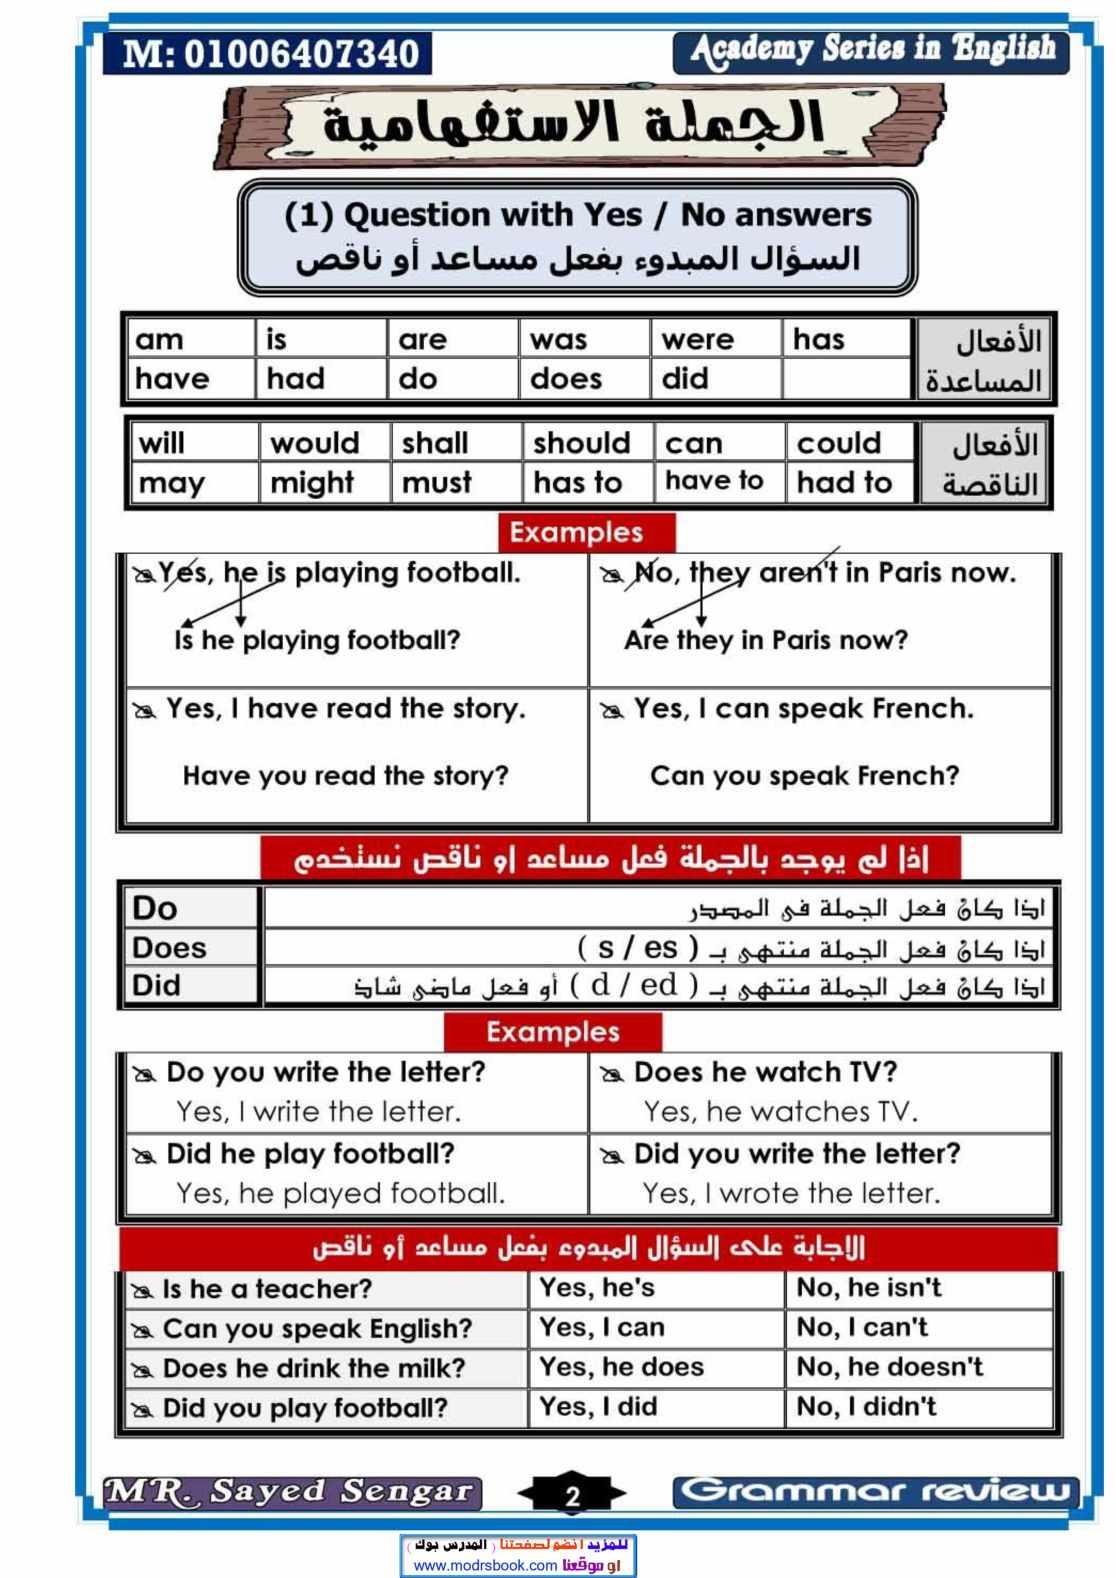 كتاب المرجع الكامل في قواعد اللغة الانجليزية pdf